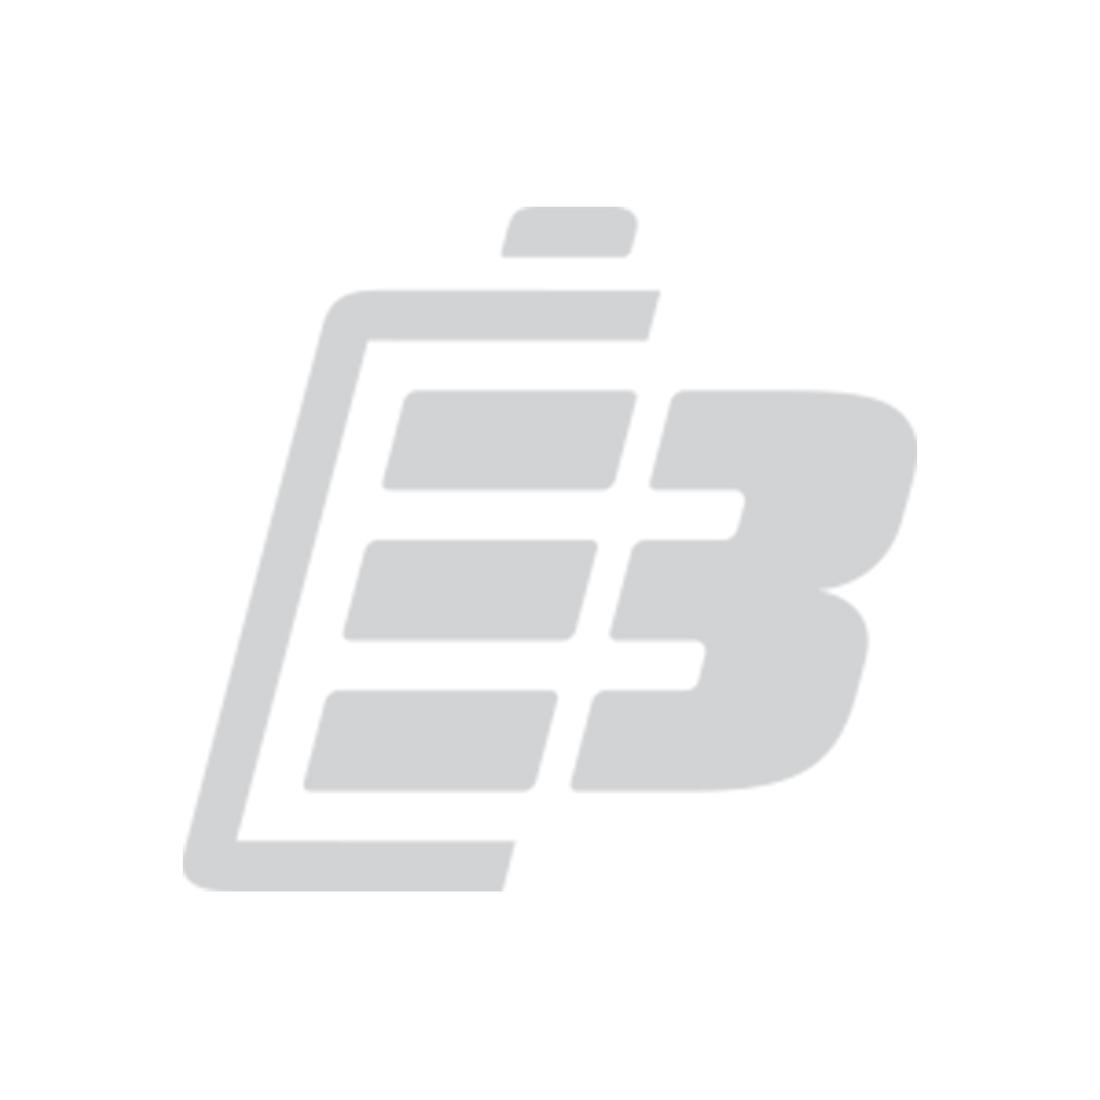 Φορτιστής μπαταρίας βιντεοκάμερας JVC BN-V207_1